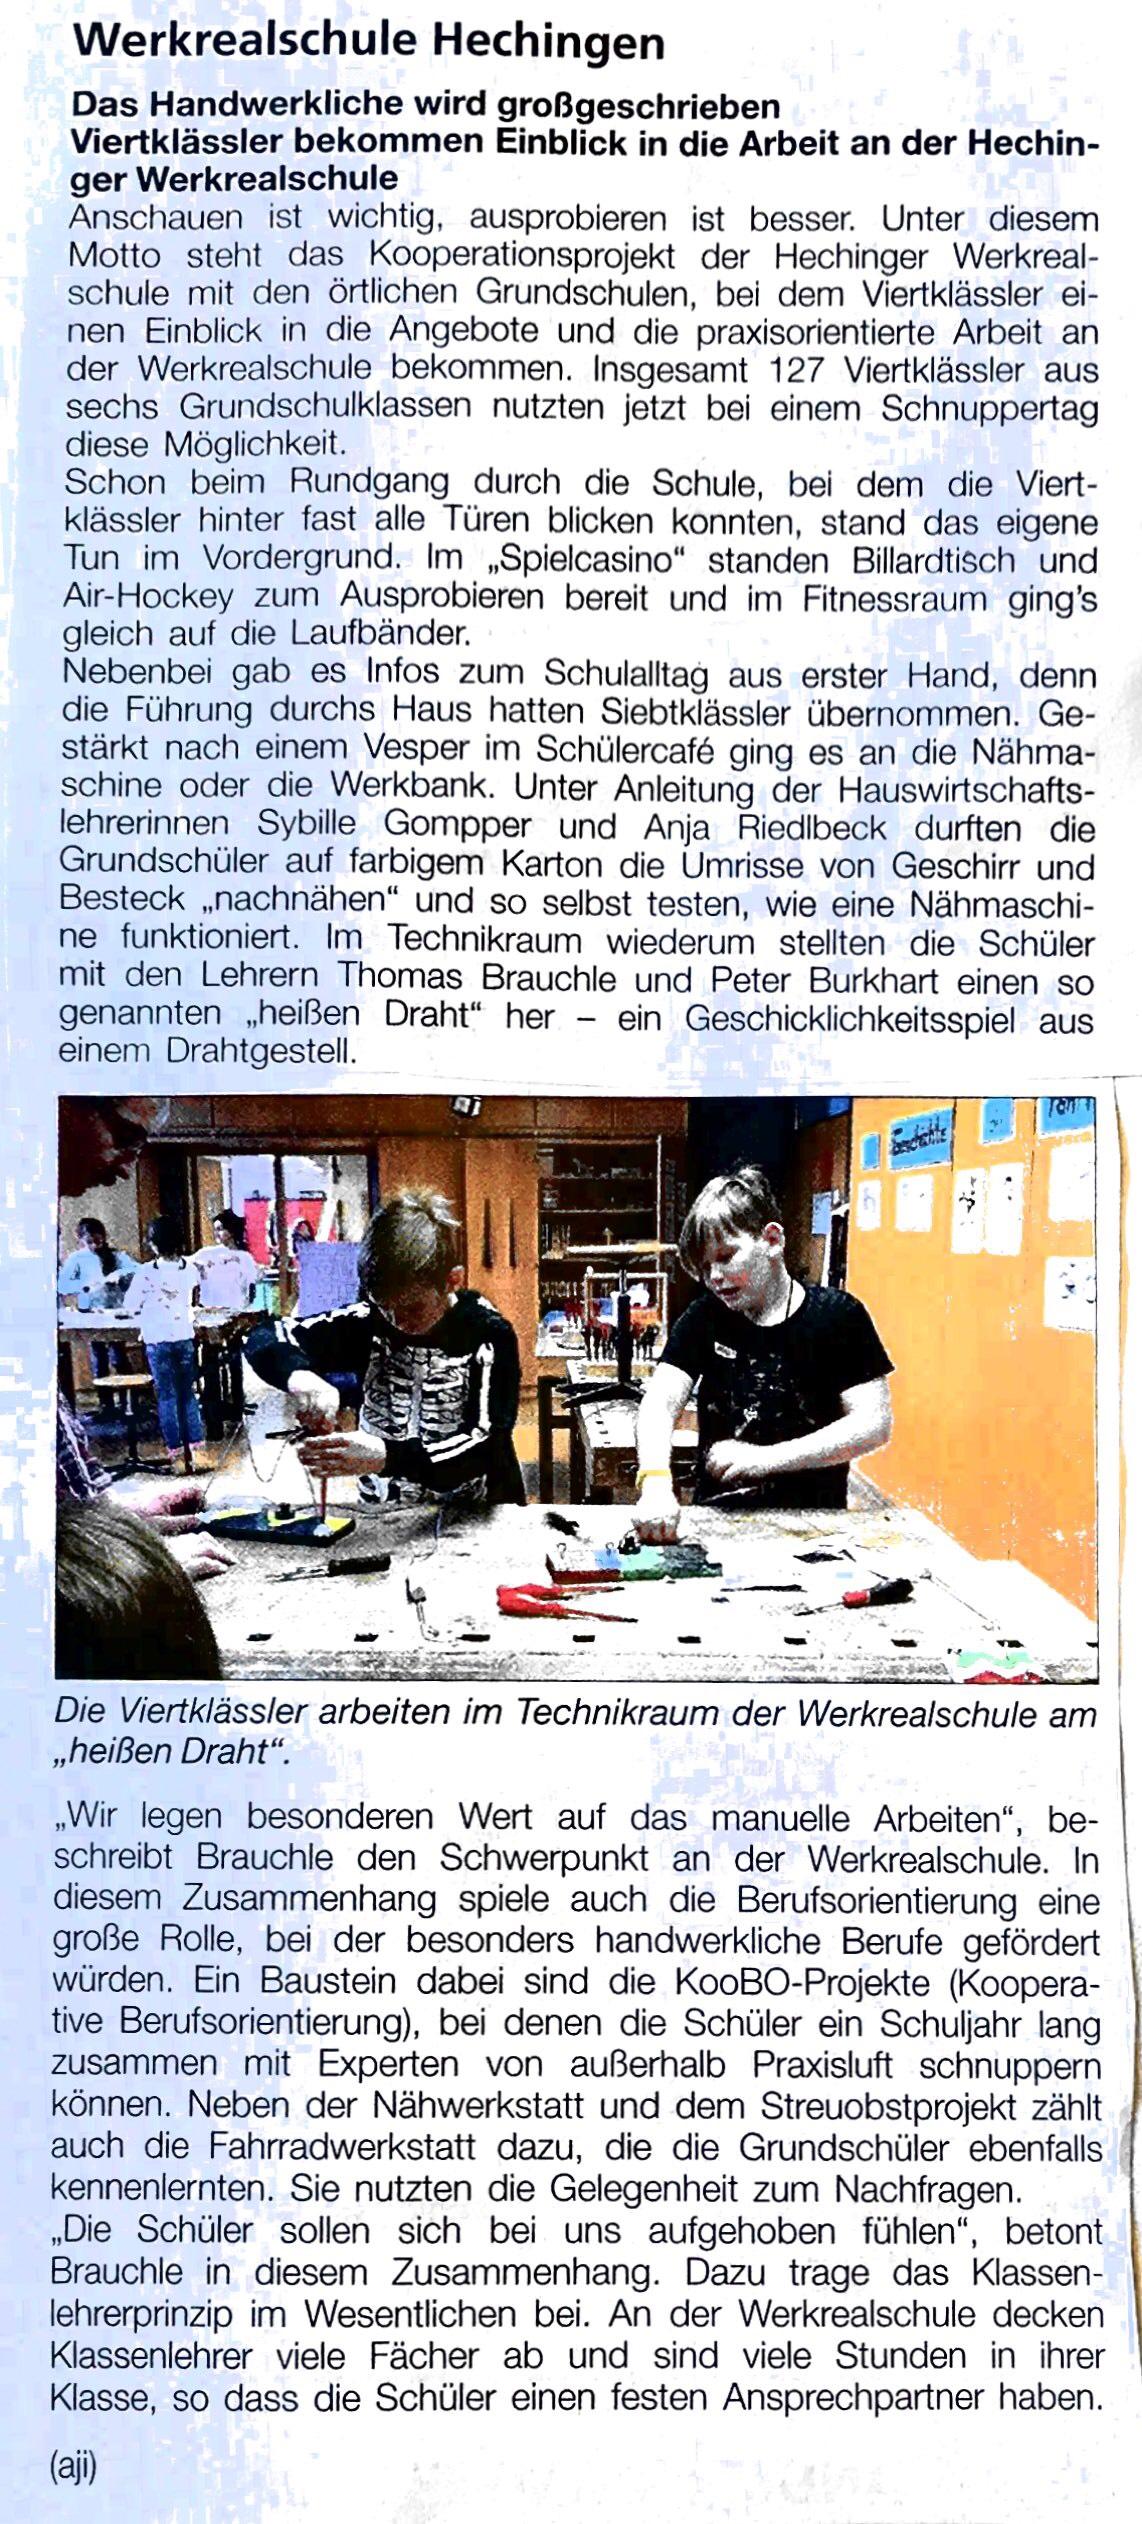 Zeitungsartikel. Viertkl?ssler bekommen Einblick in die Arbeit an der Hechinger Werksrealschule.